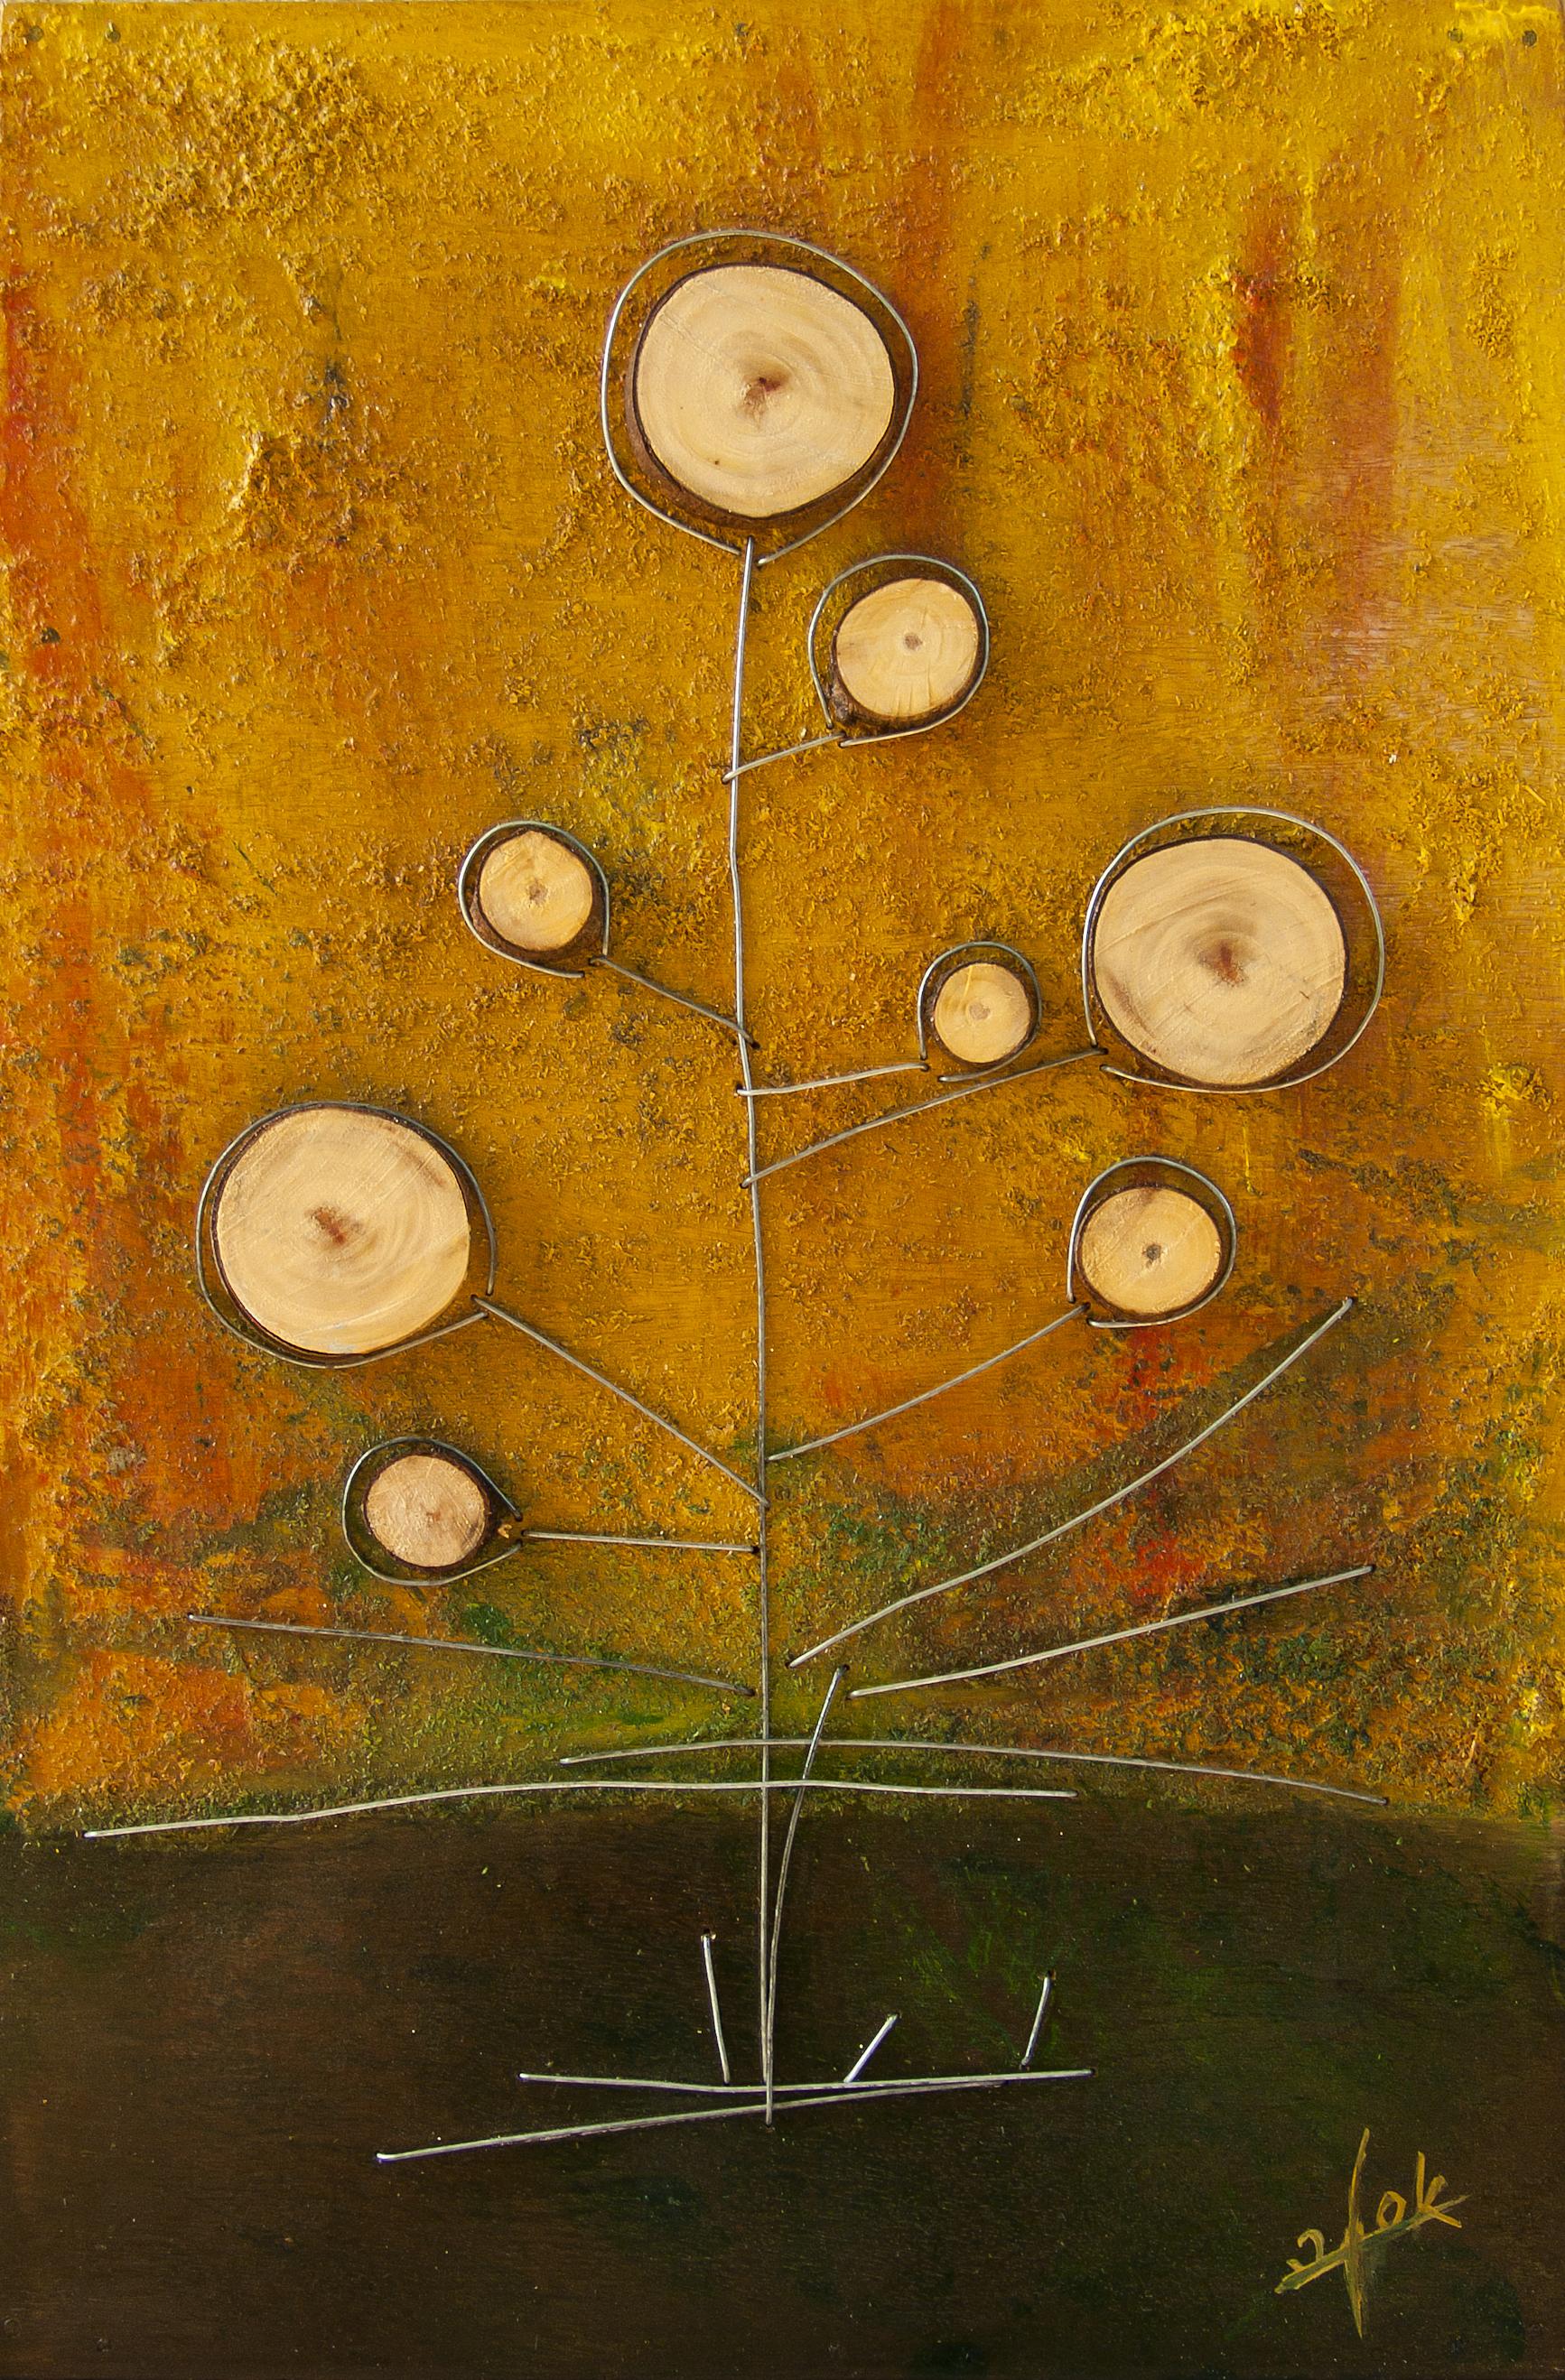 אומנות בעץ | צמח 1